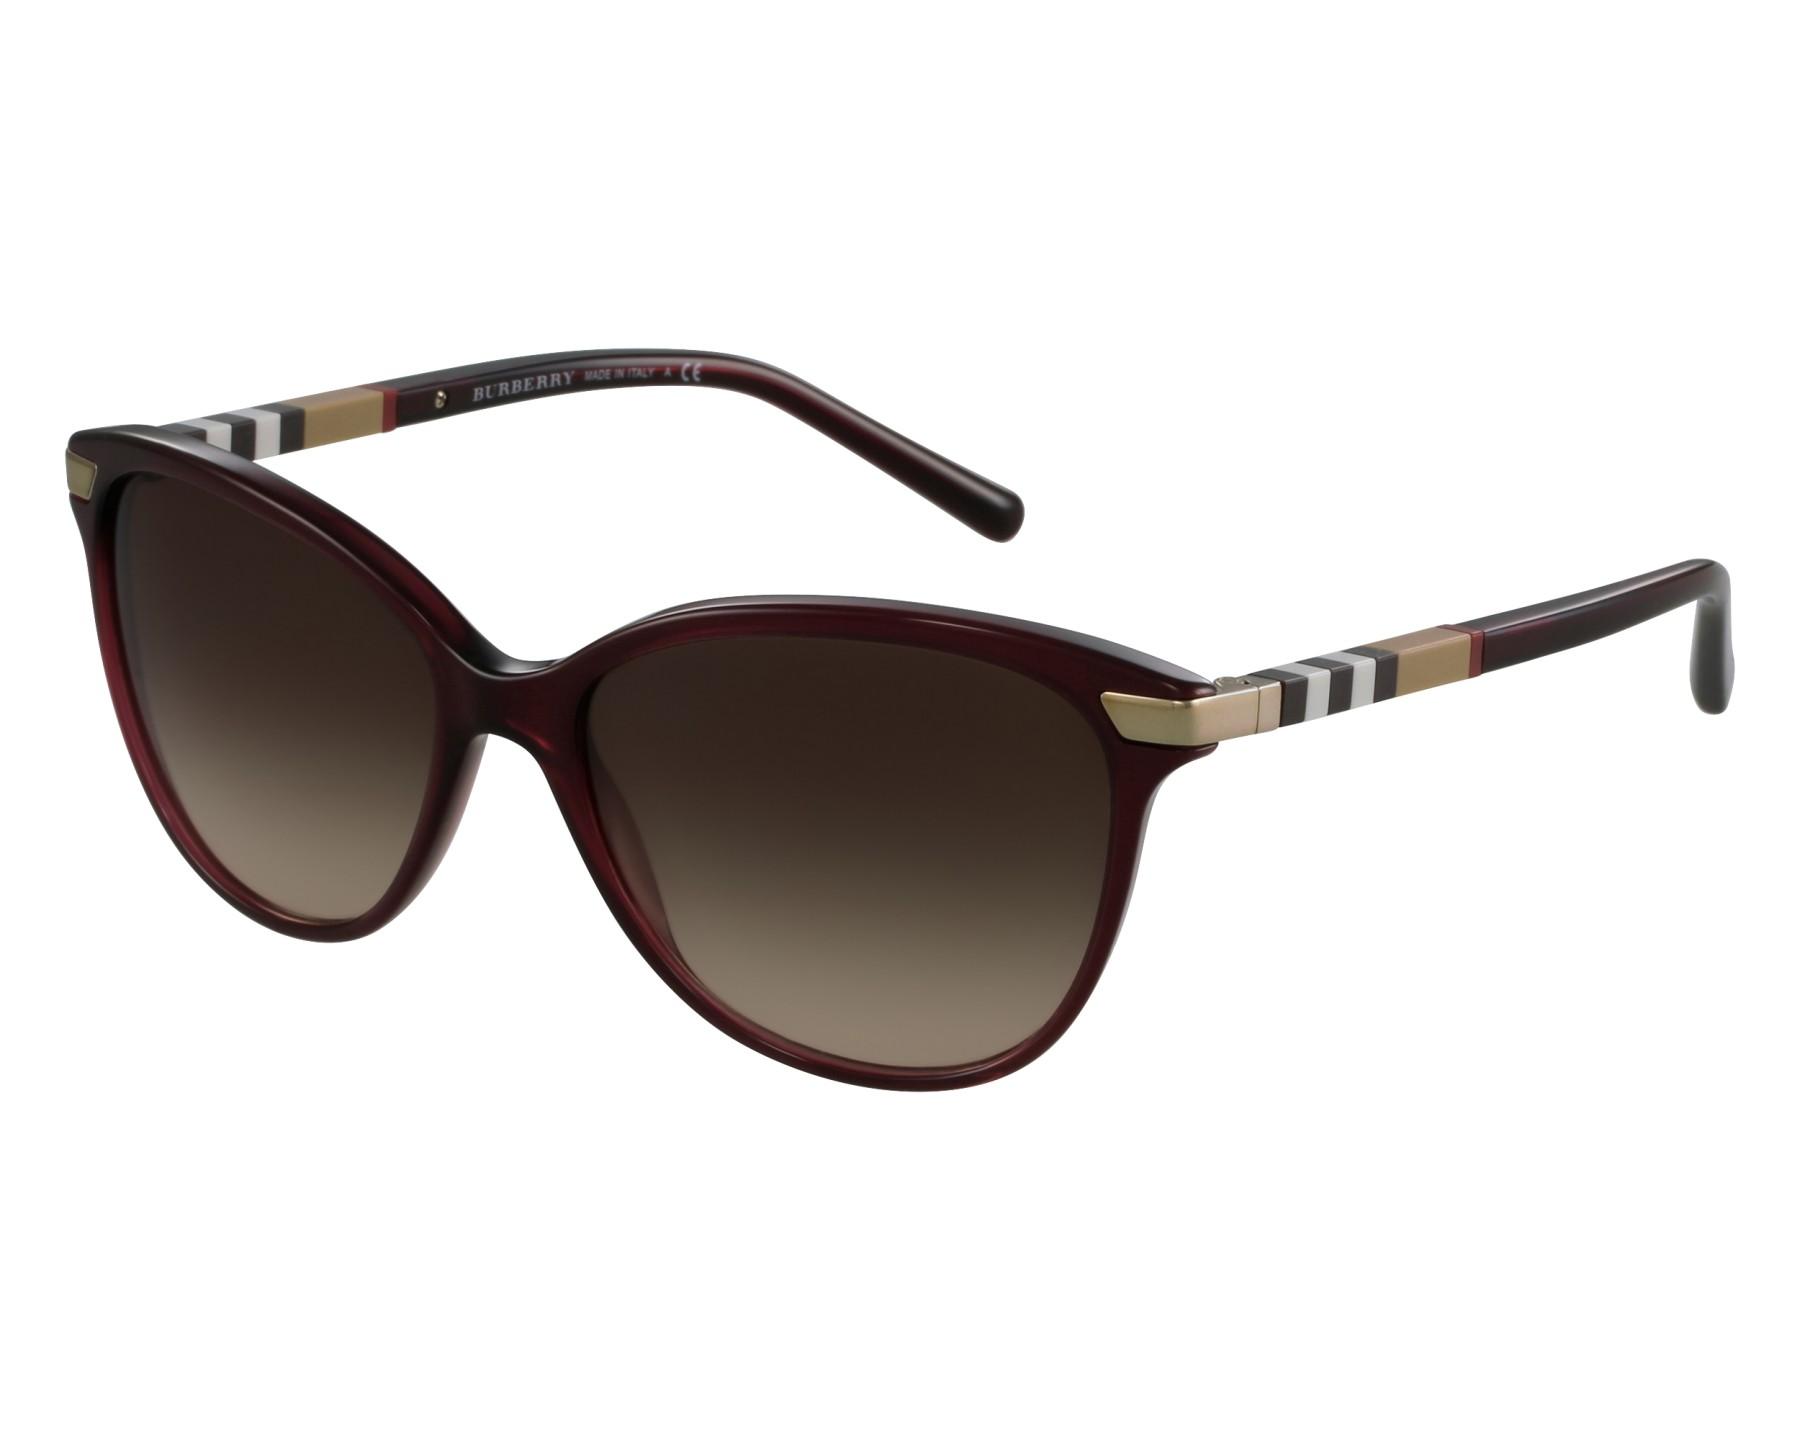 c571d4eb128 Sunglasses Burberry BE-4216 3014 13 57-16 Bordeaux Gold front view